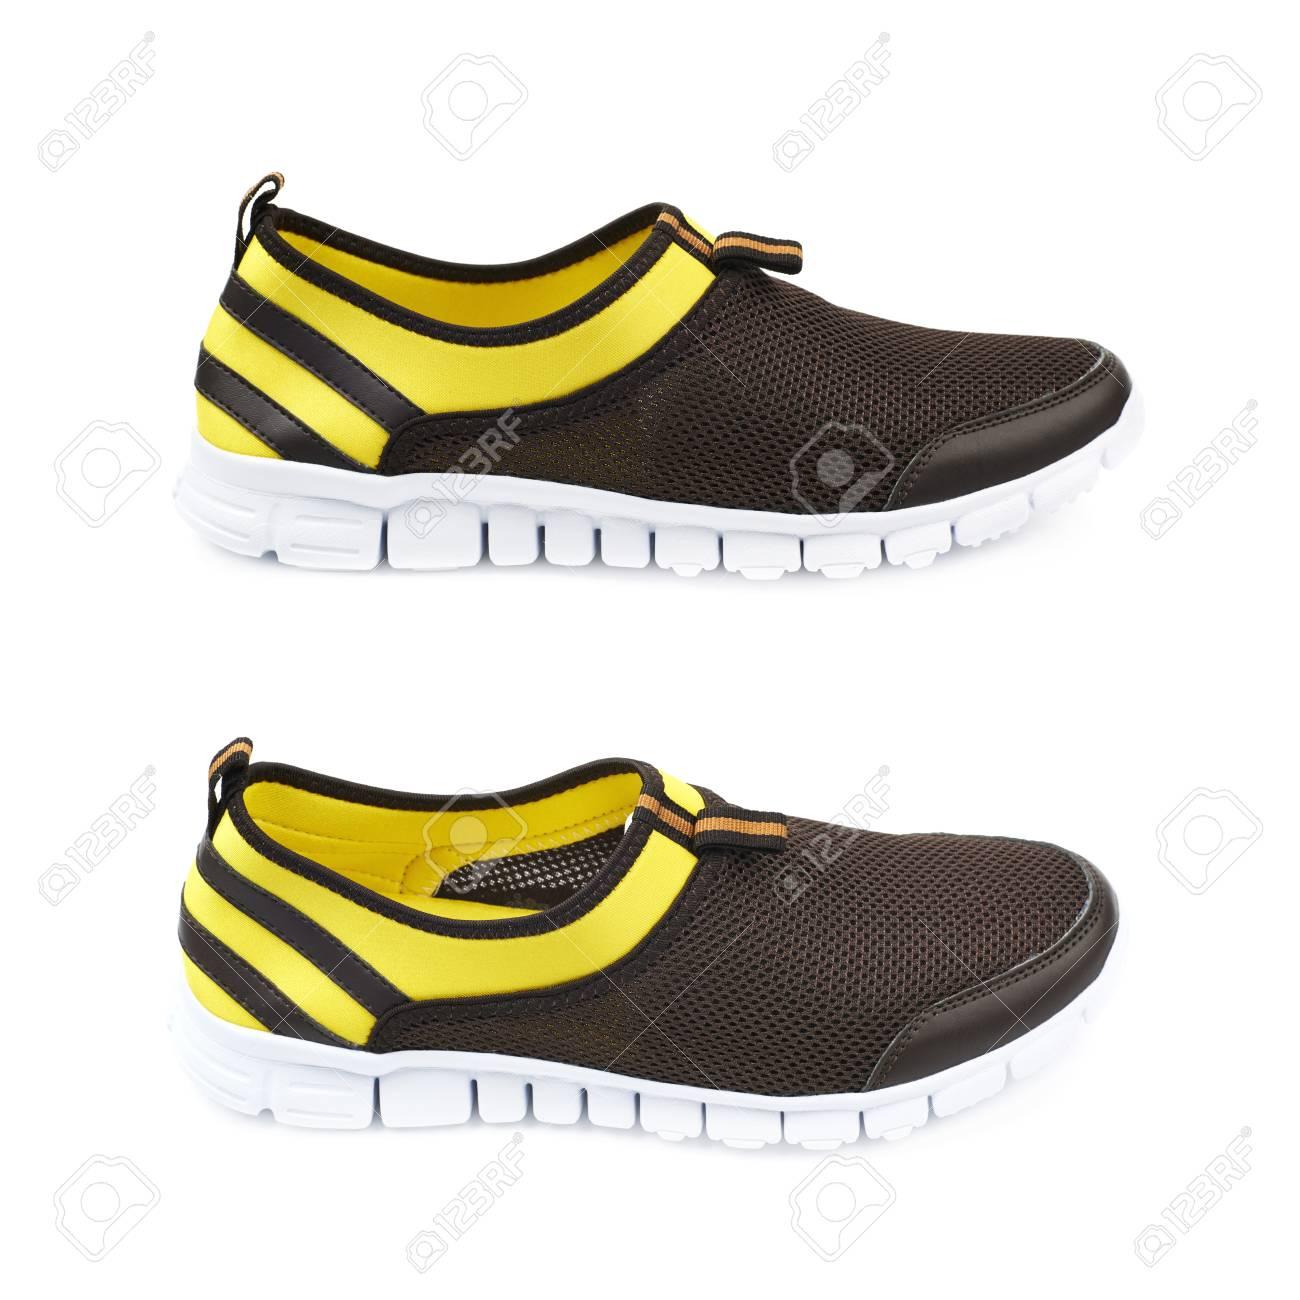 De LégèresColorées Sur Coins Sport Et Différents Fond Deux NoireIsolées Jaune BlancEnsemble Chaussures WH2IEeDY9